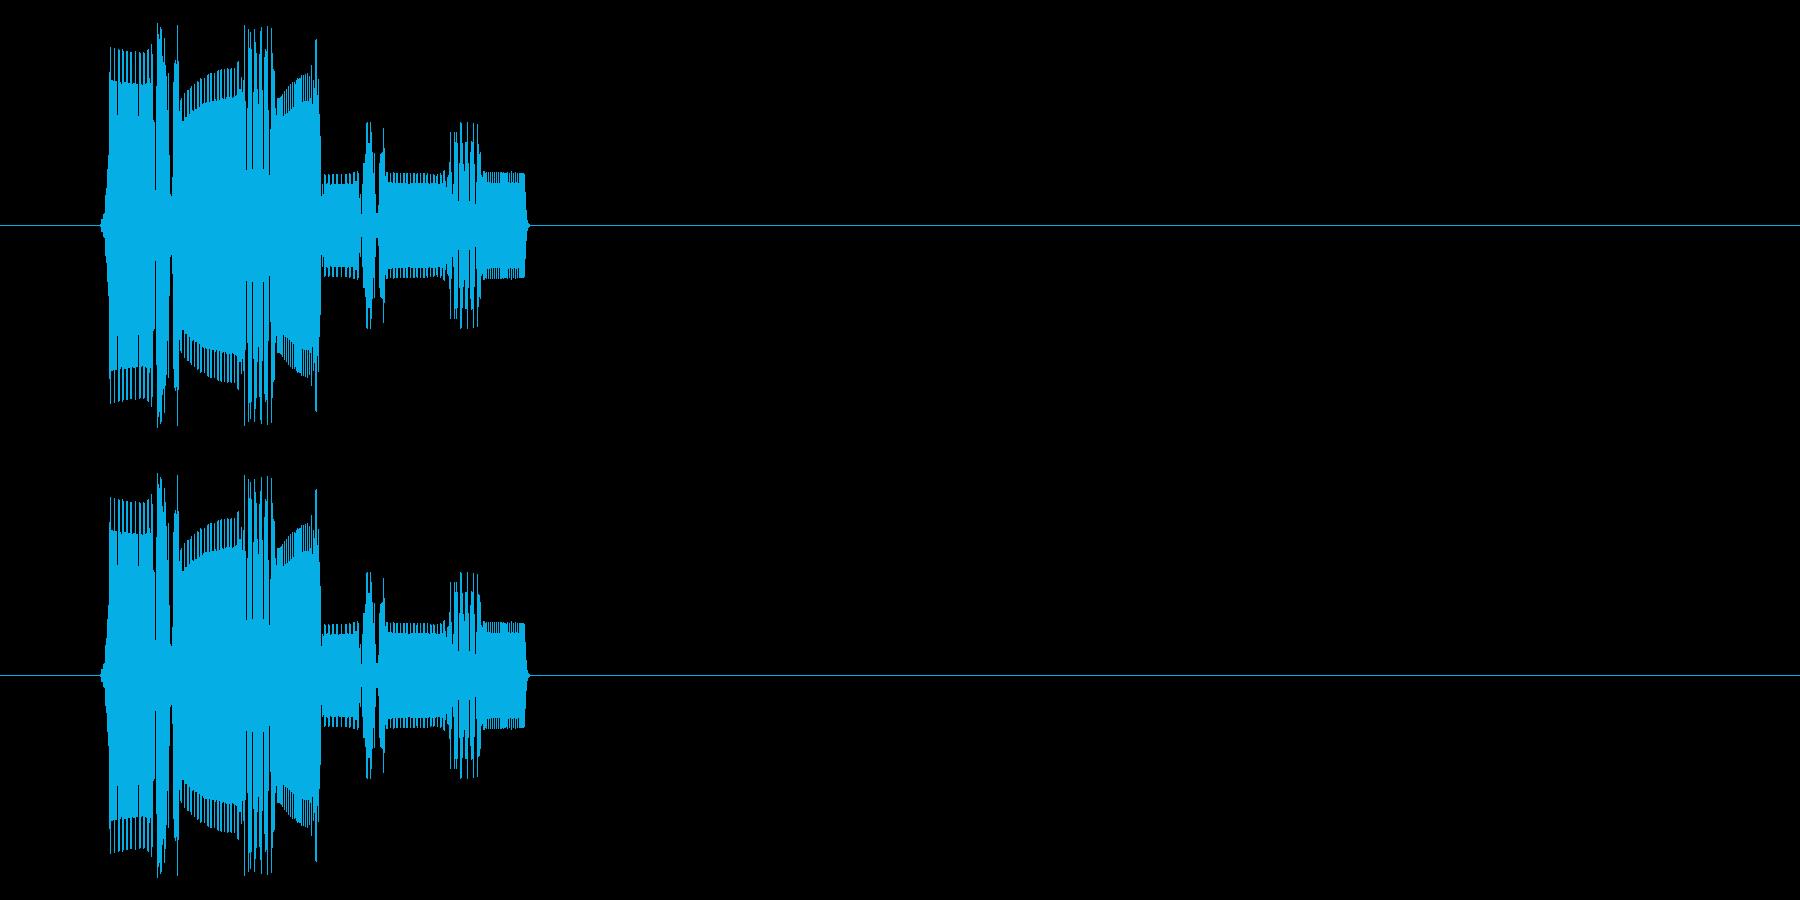 ファミコン風決定音の再生済みの波形